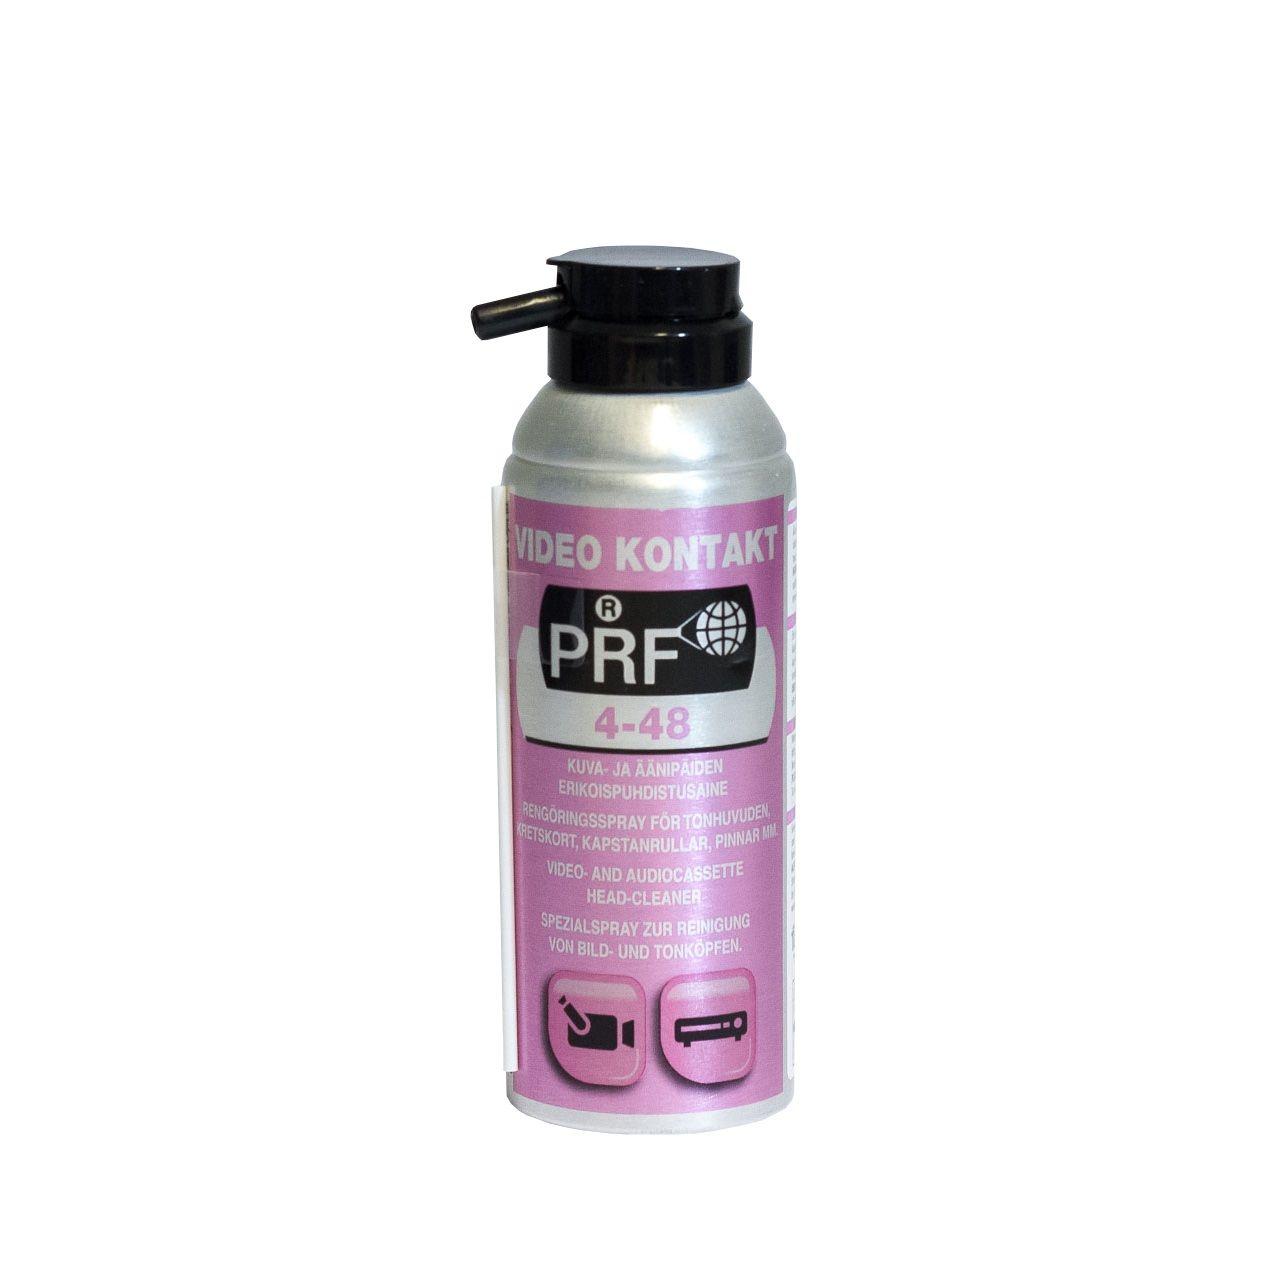 PRF48220.JPG